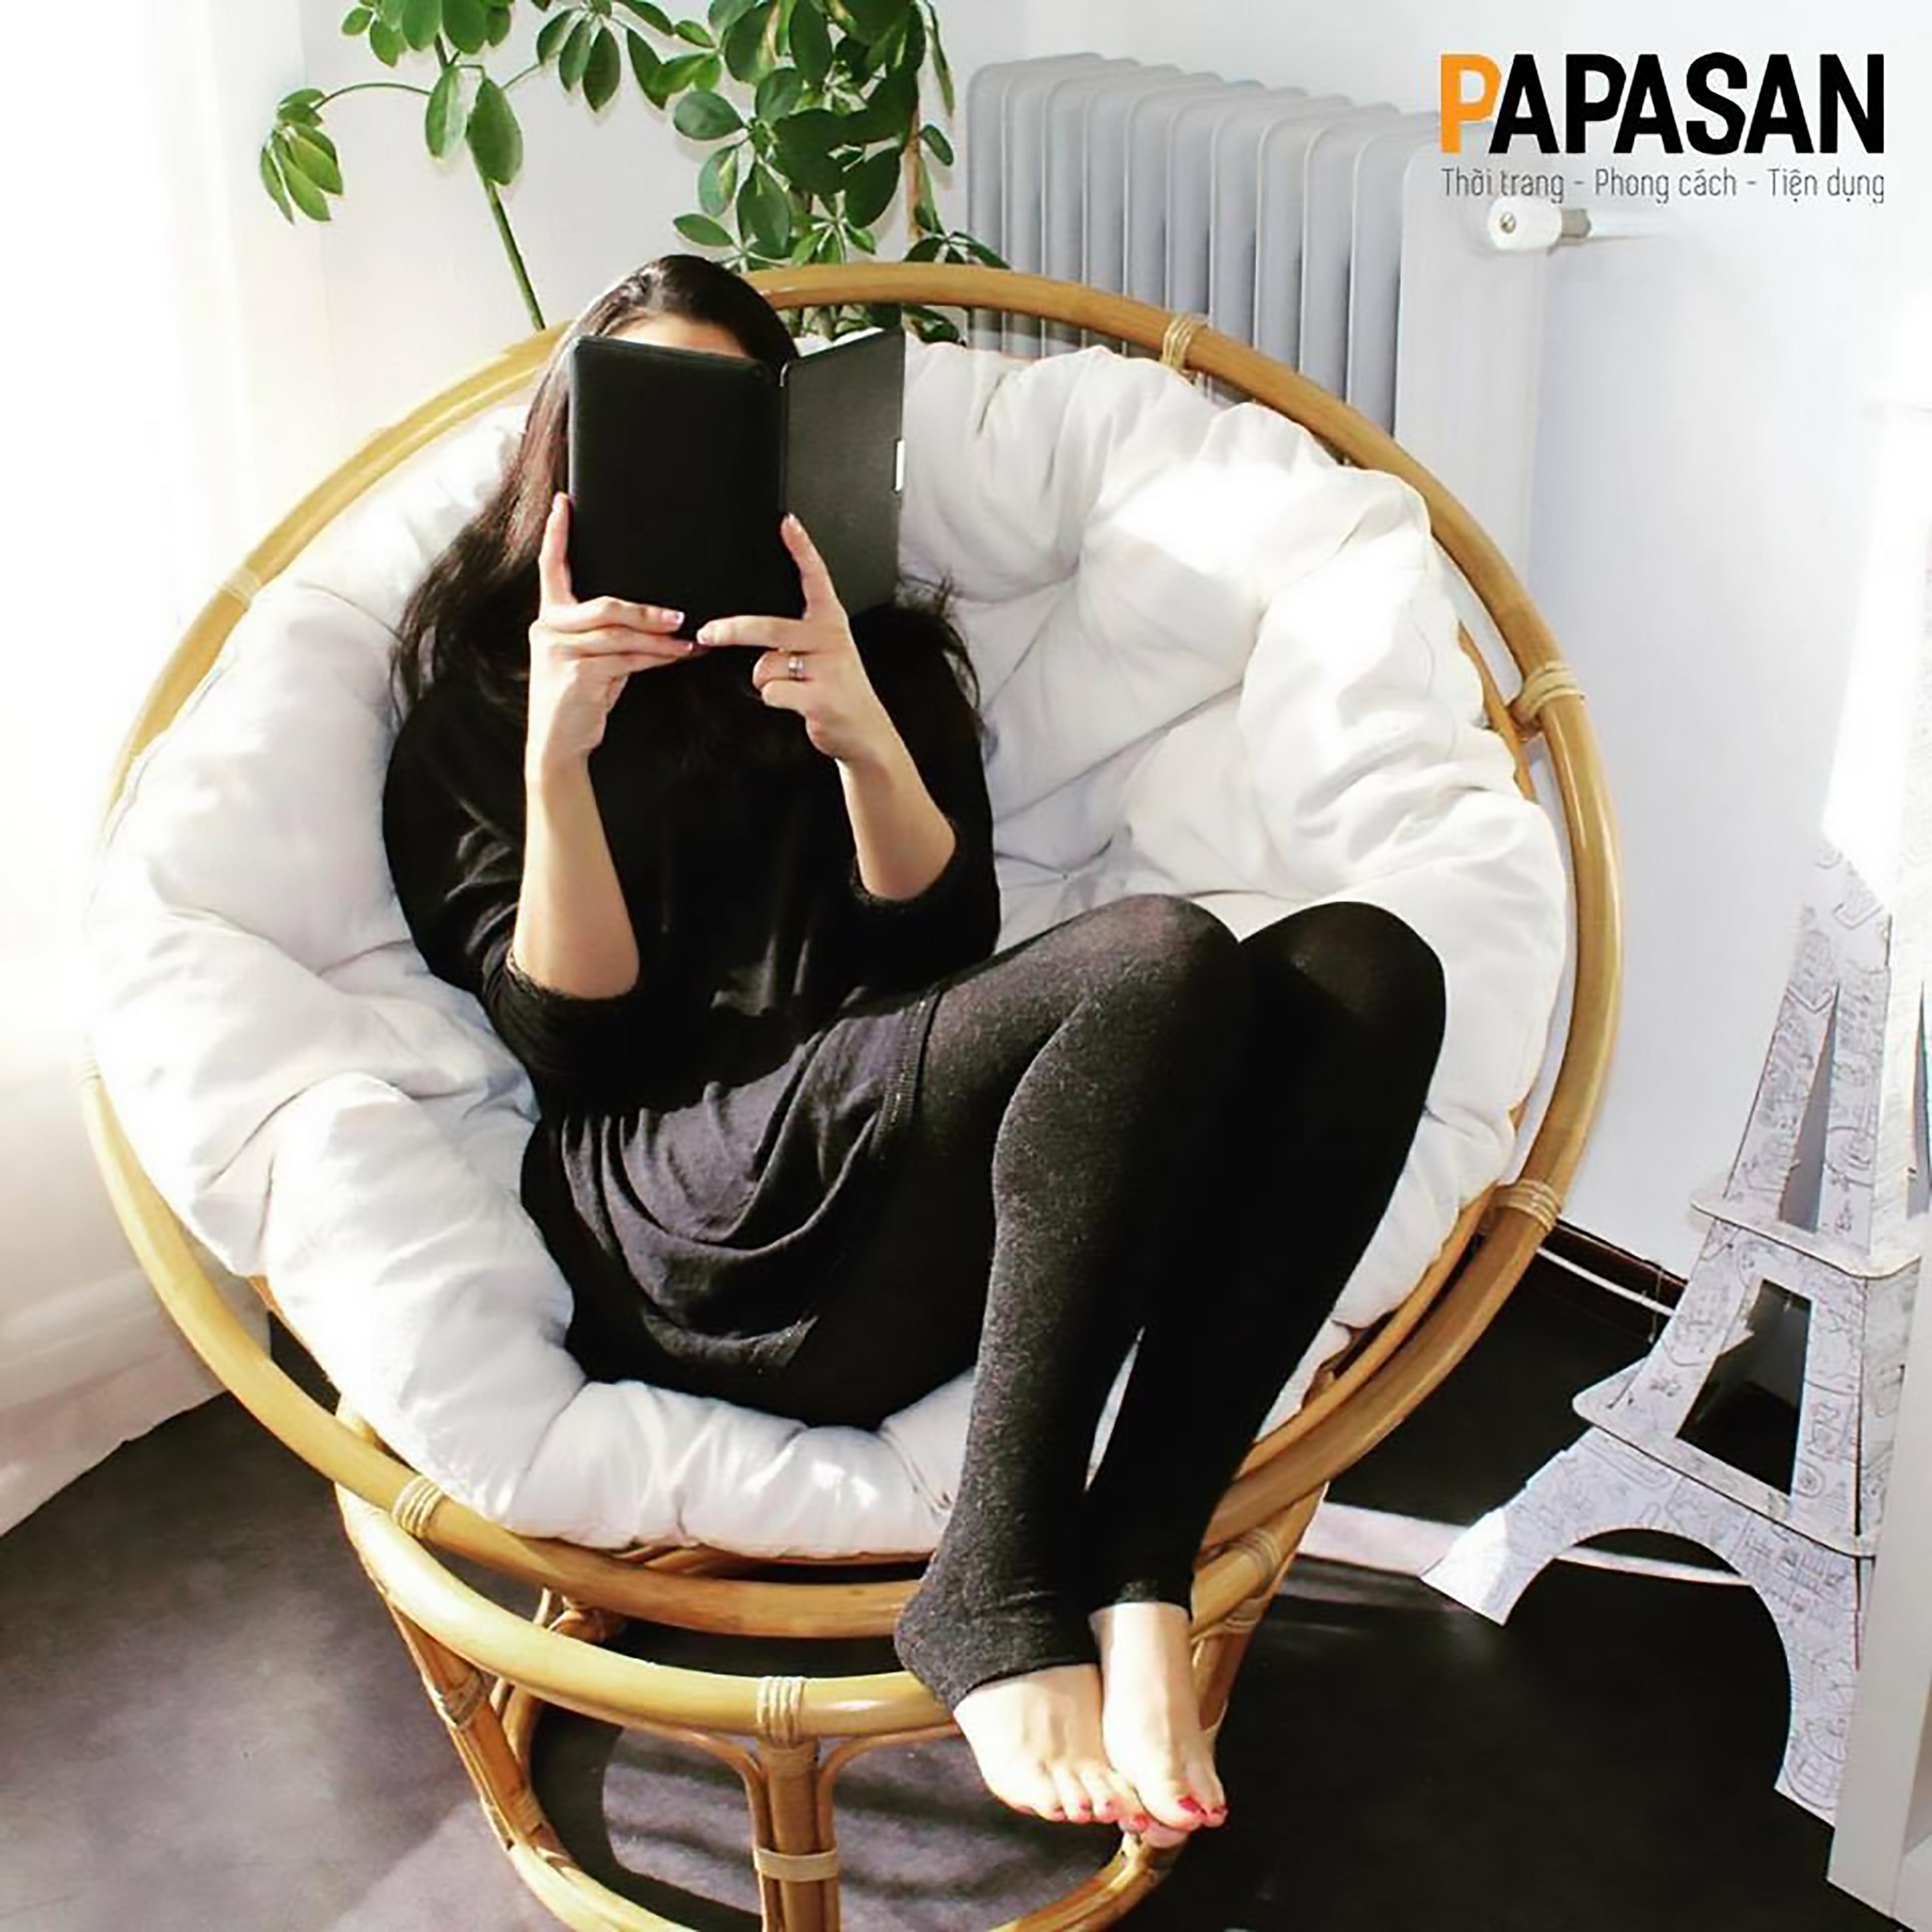 ghế đọc sách papasan